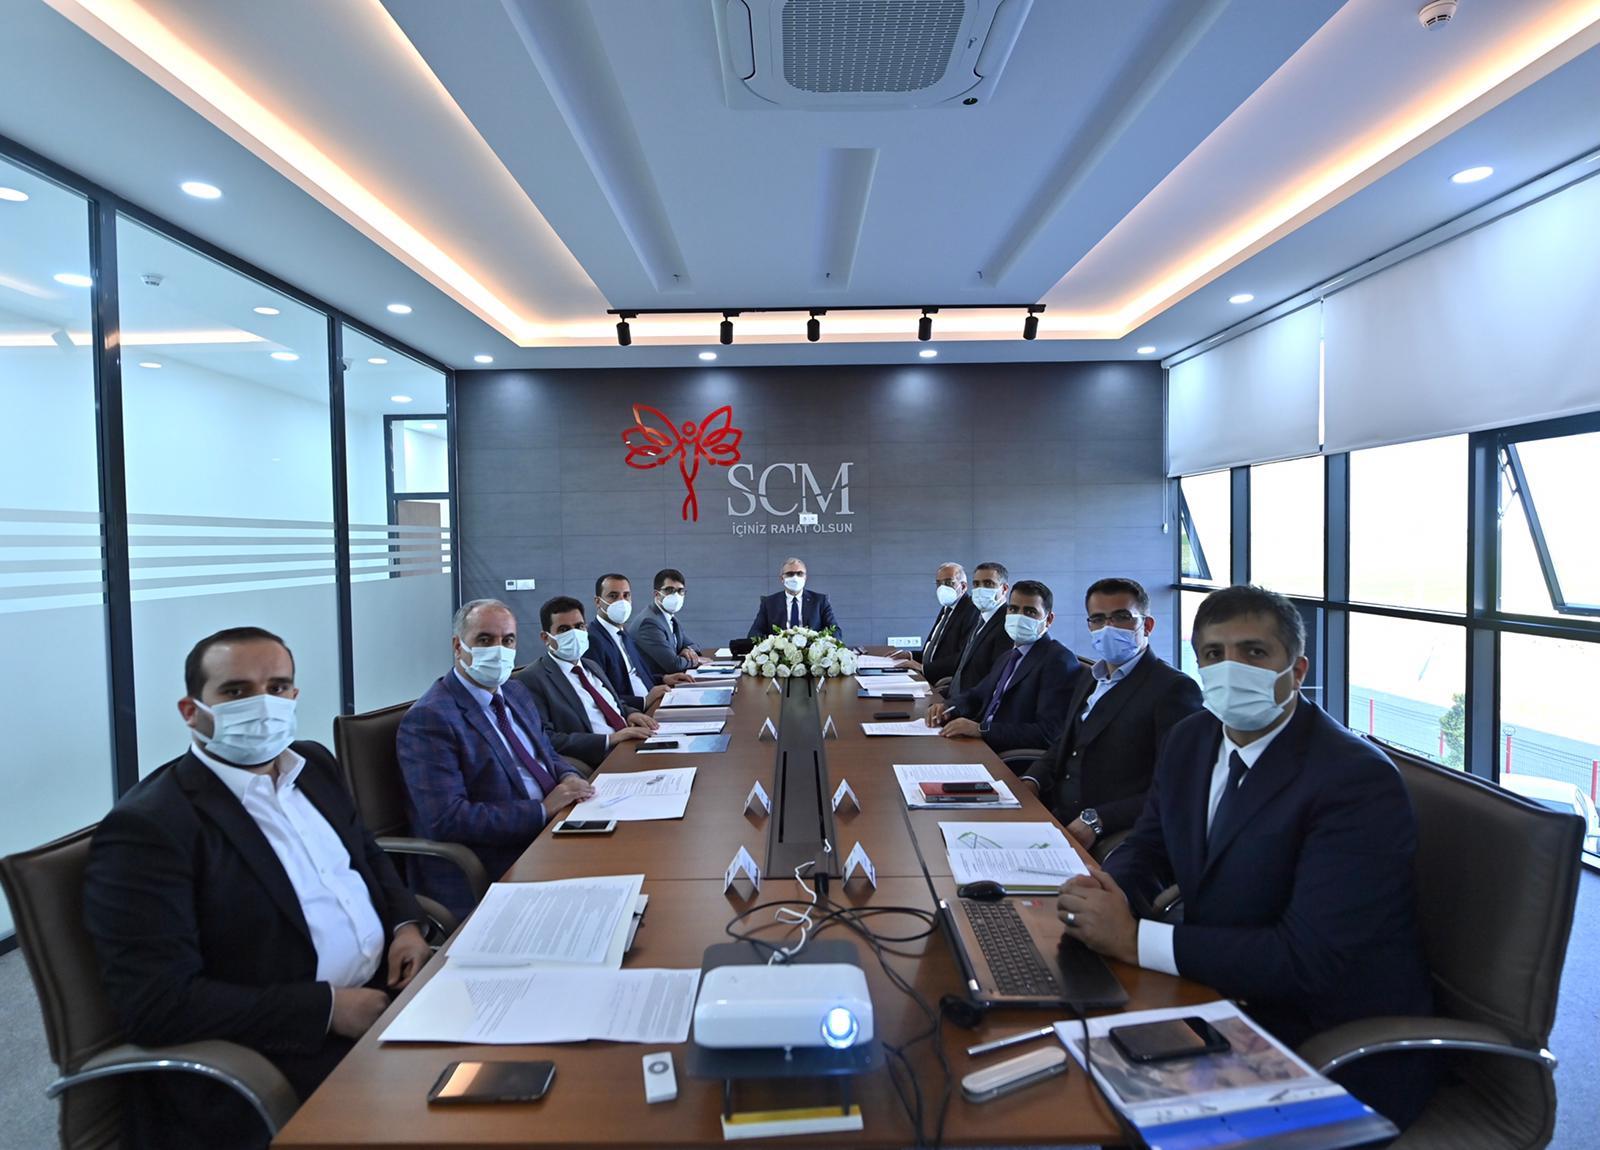 Vali Münir Karaloğlu Başkanlığında Yönetim Kurulu Toplantısı Gerçekleştirildi.